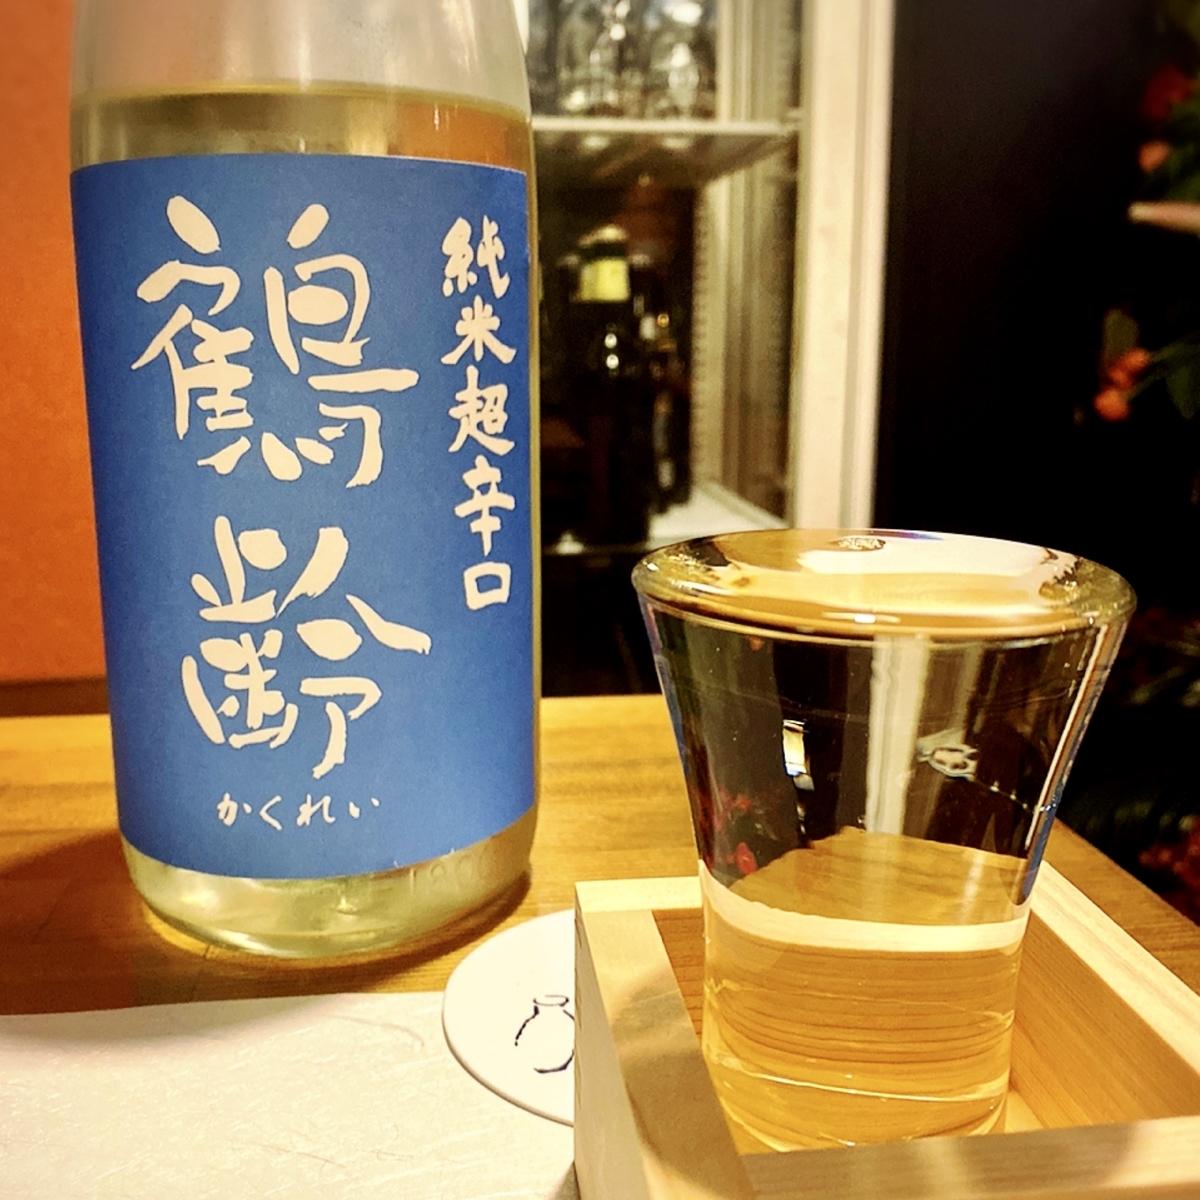 「旨い肴と美味しい酒 勘九郎 吉祥寺」はさしのみから小宴会まで利用できる日本酒好きにはたまらない和食居酒屋でした